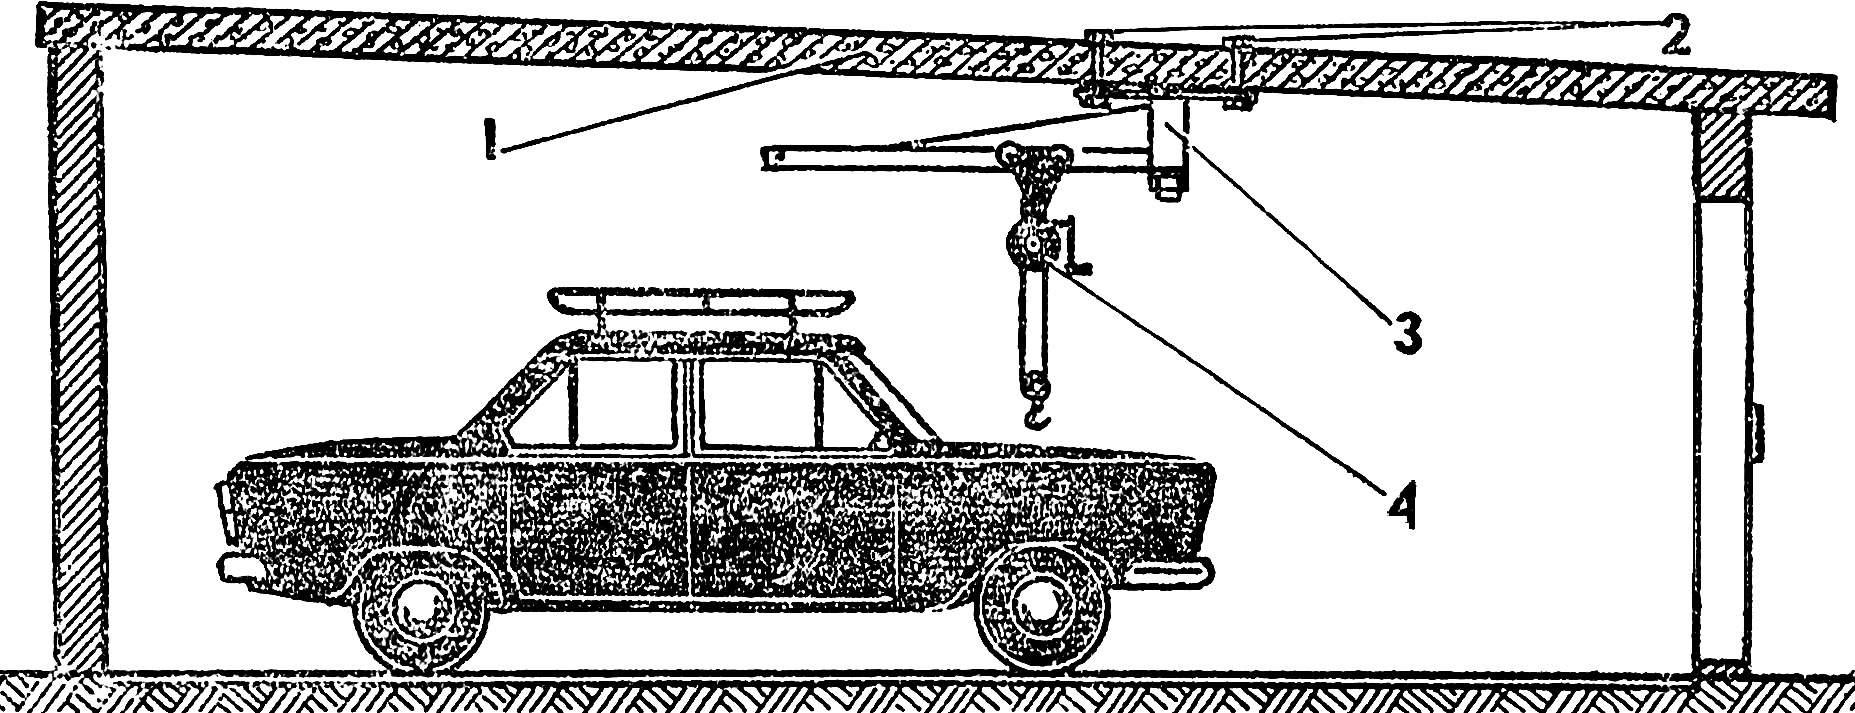 Ножничный подъемник своими руками: чертежи, автомобильный, для авто, самодельный